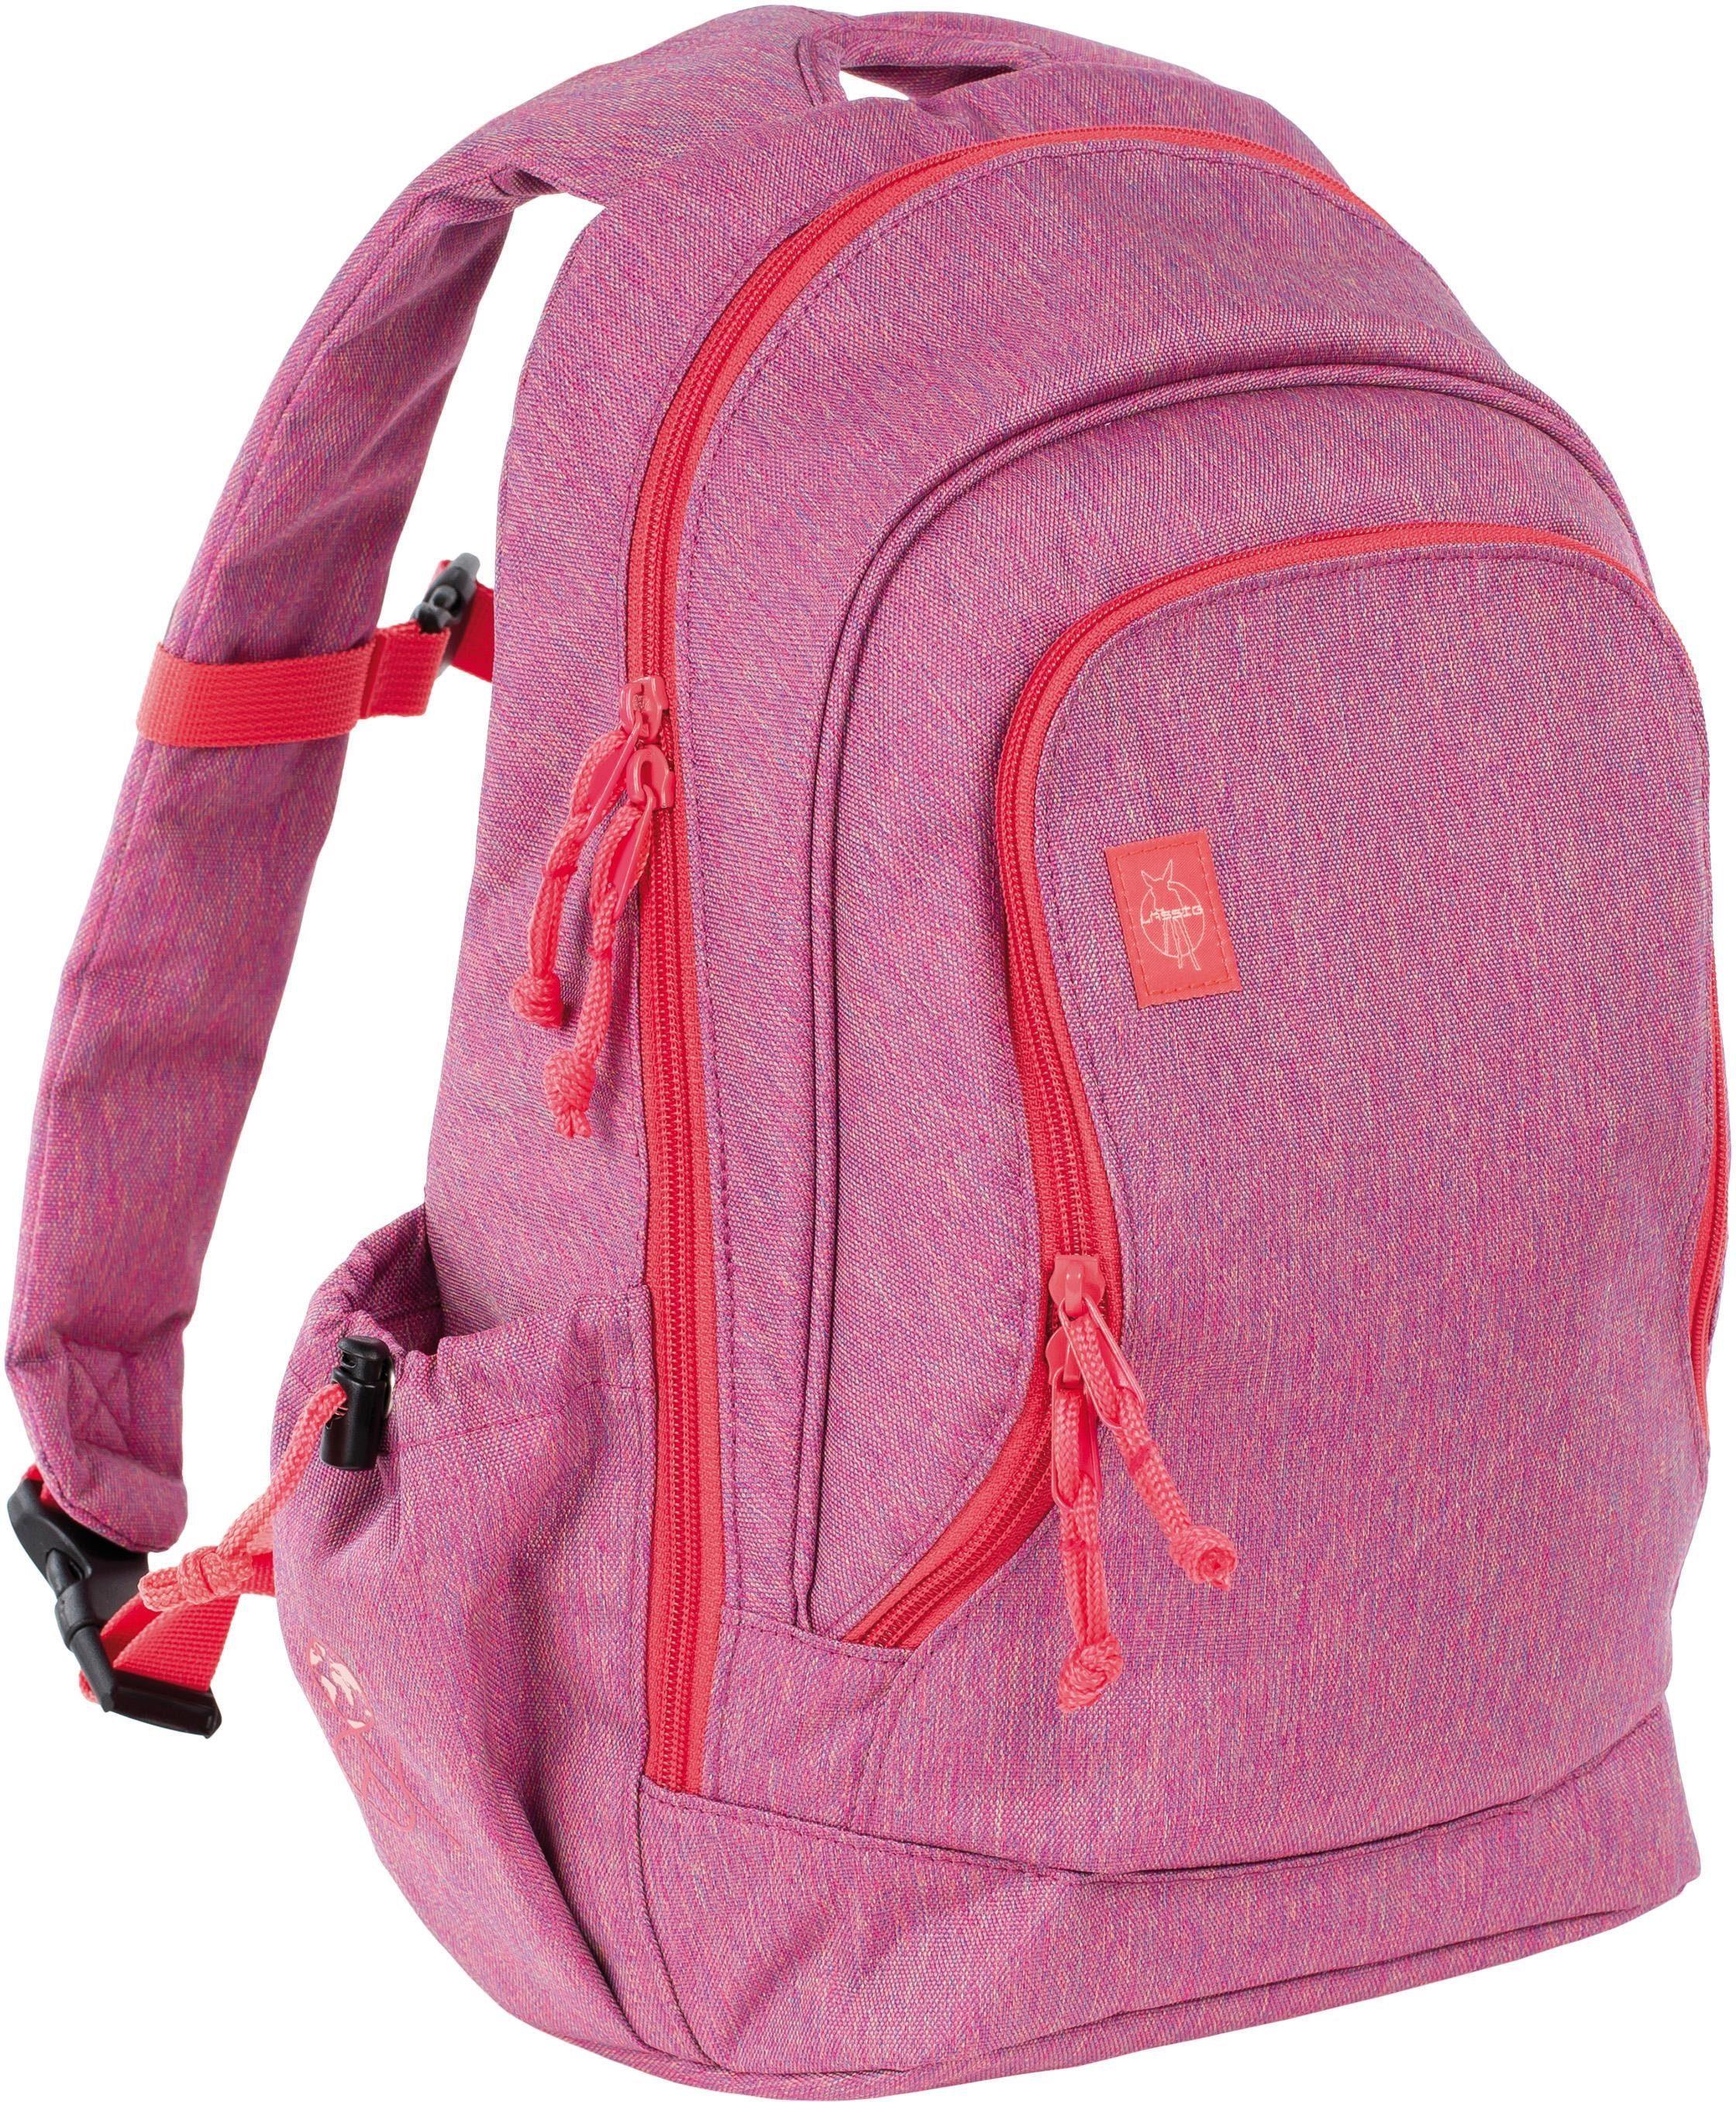 Lässig Kinderrucksack, »4Kids Big Backpack, About Friends Mélange Pink«